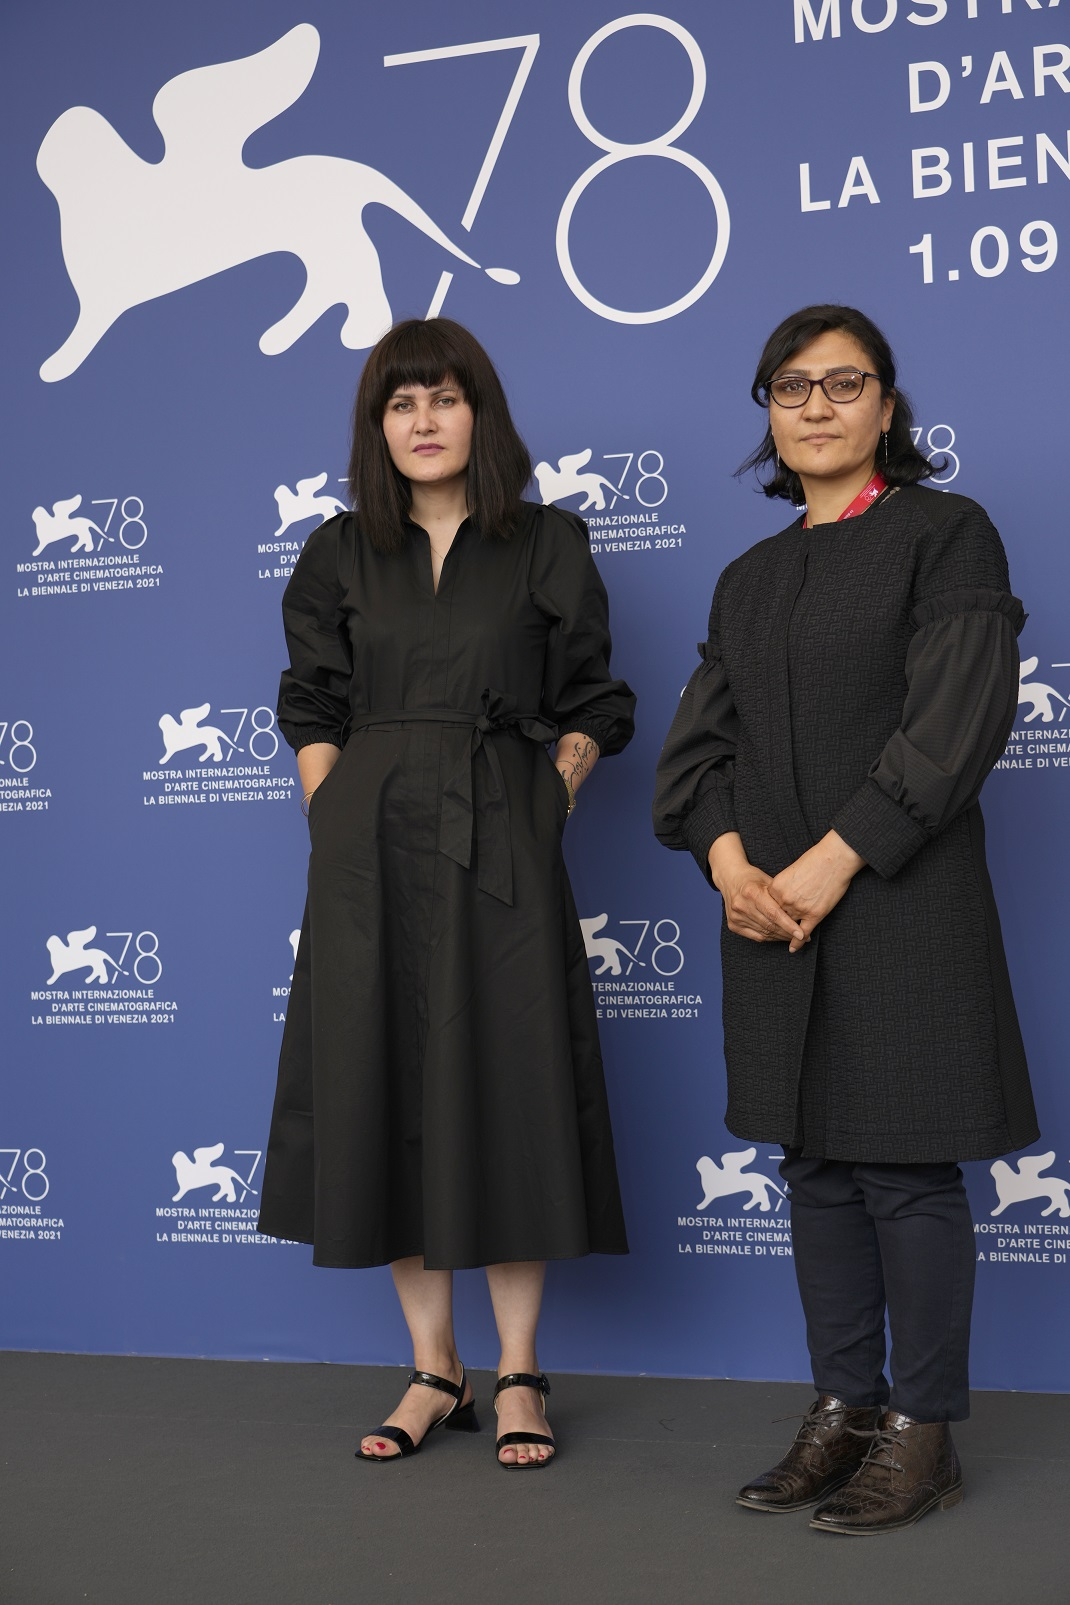 Η Sahraa Karimi με την Αφγανή δημιουργό ντοκιμαντέρ και καθηγήτρια στο Πανεπιστήμιο της Καμπούλ, Sahra Mani